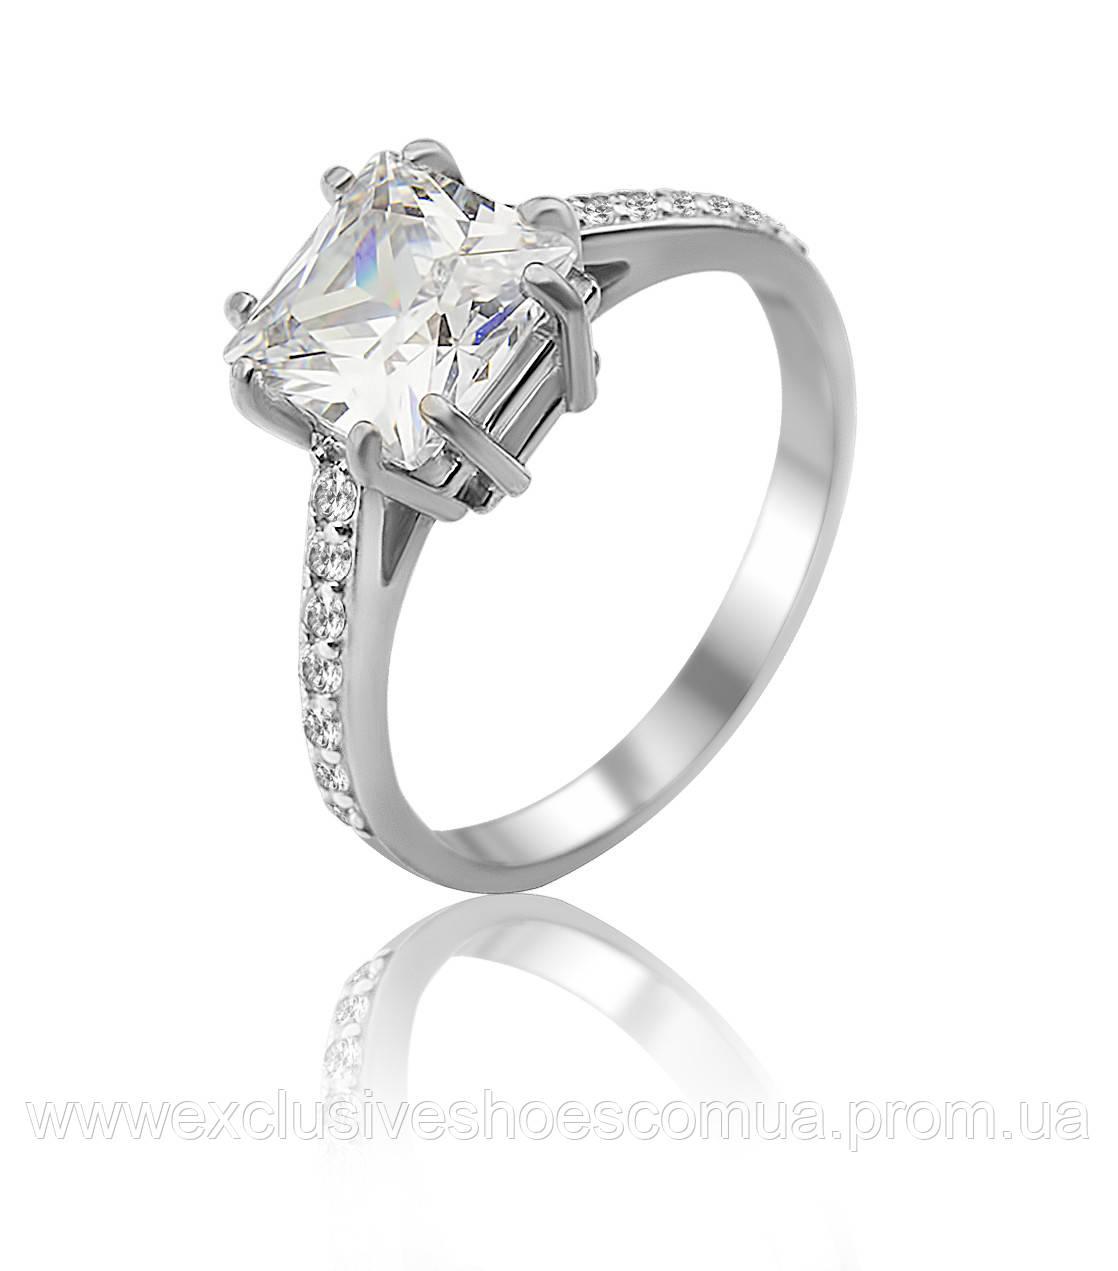 Серебряное кольцо с крупным квадратным фианитом, арт-910092б